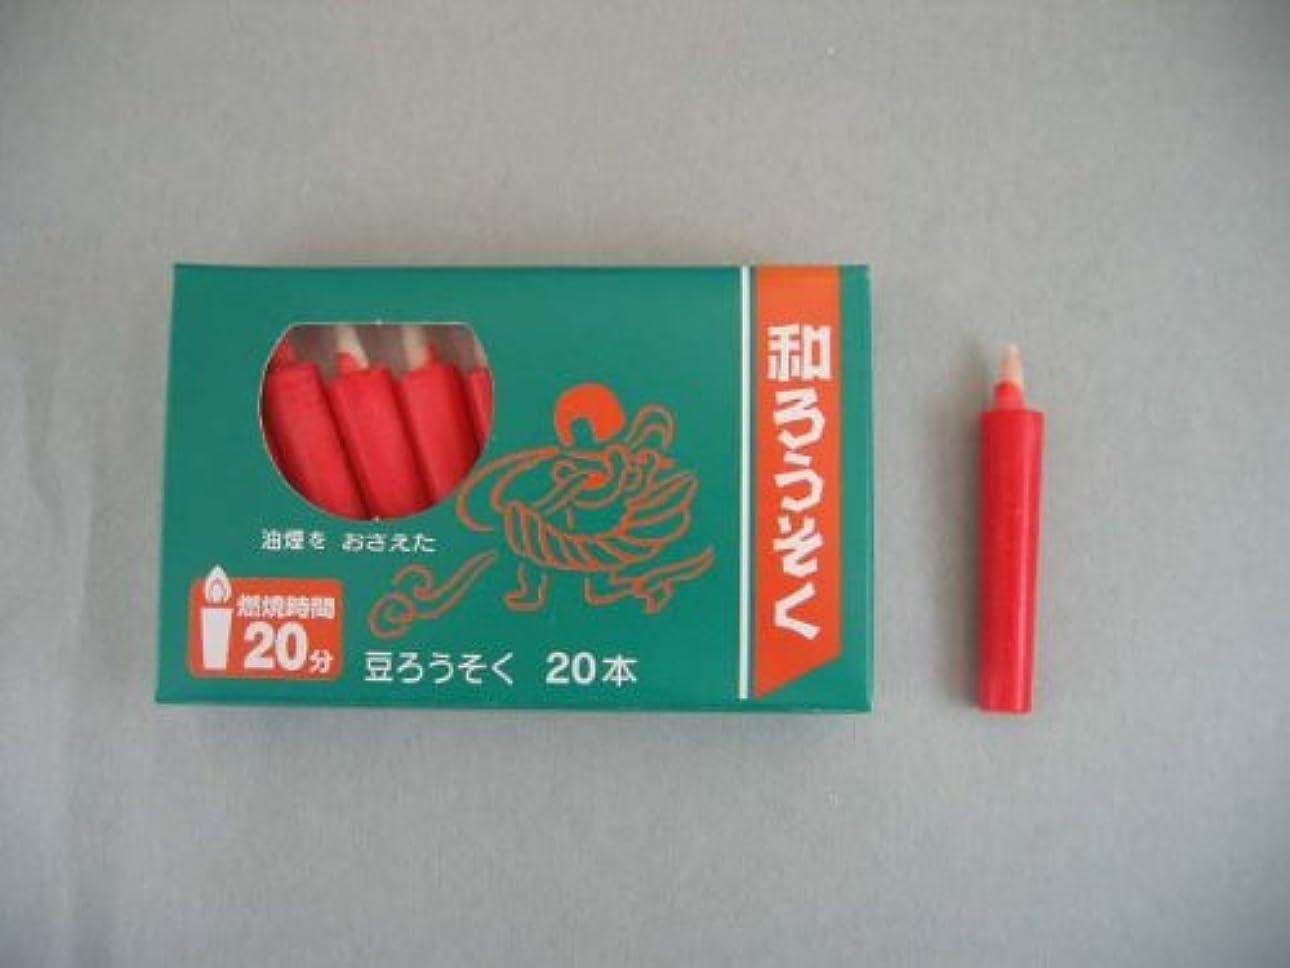 食べる徴収容器和ろうそく 【朱】 型和蝋燭 ローソク 豆型 棒タイプ 朱色 小箱 20本入り